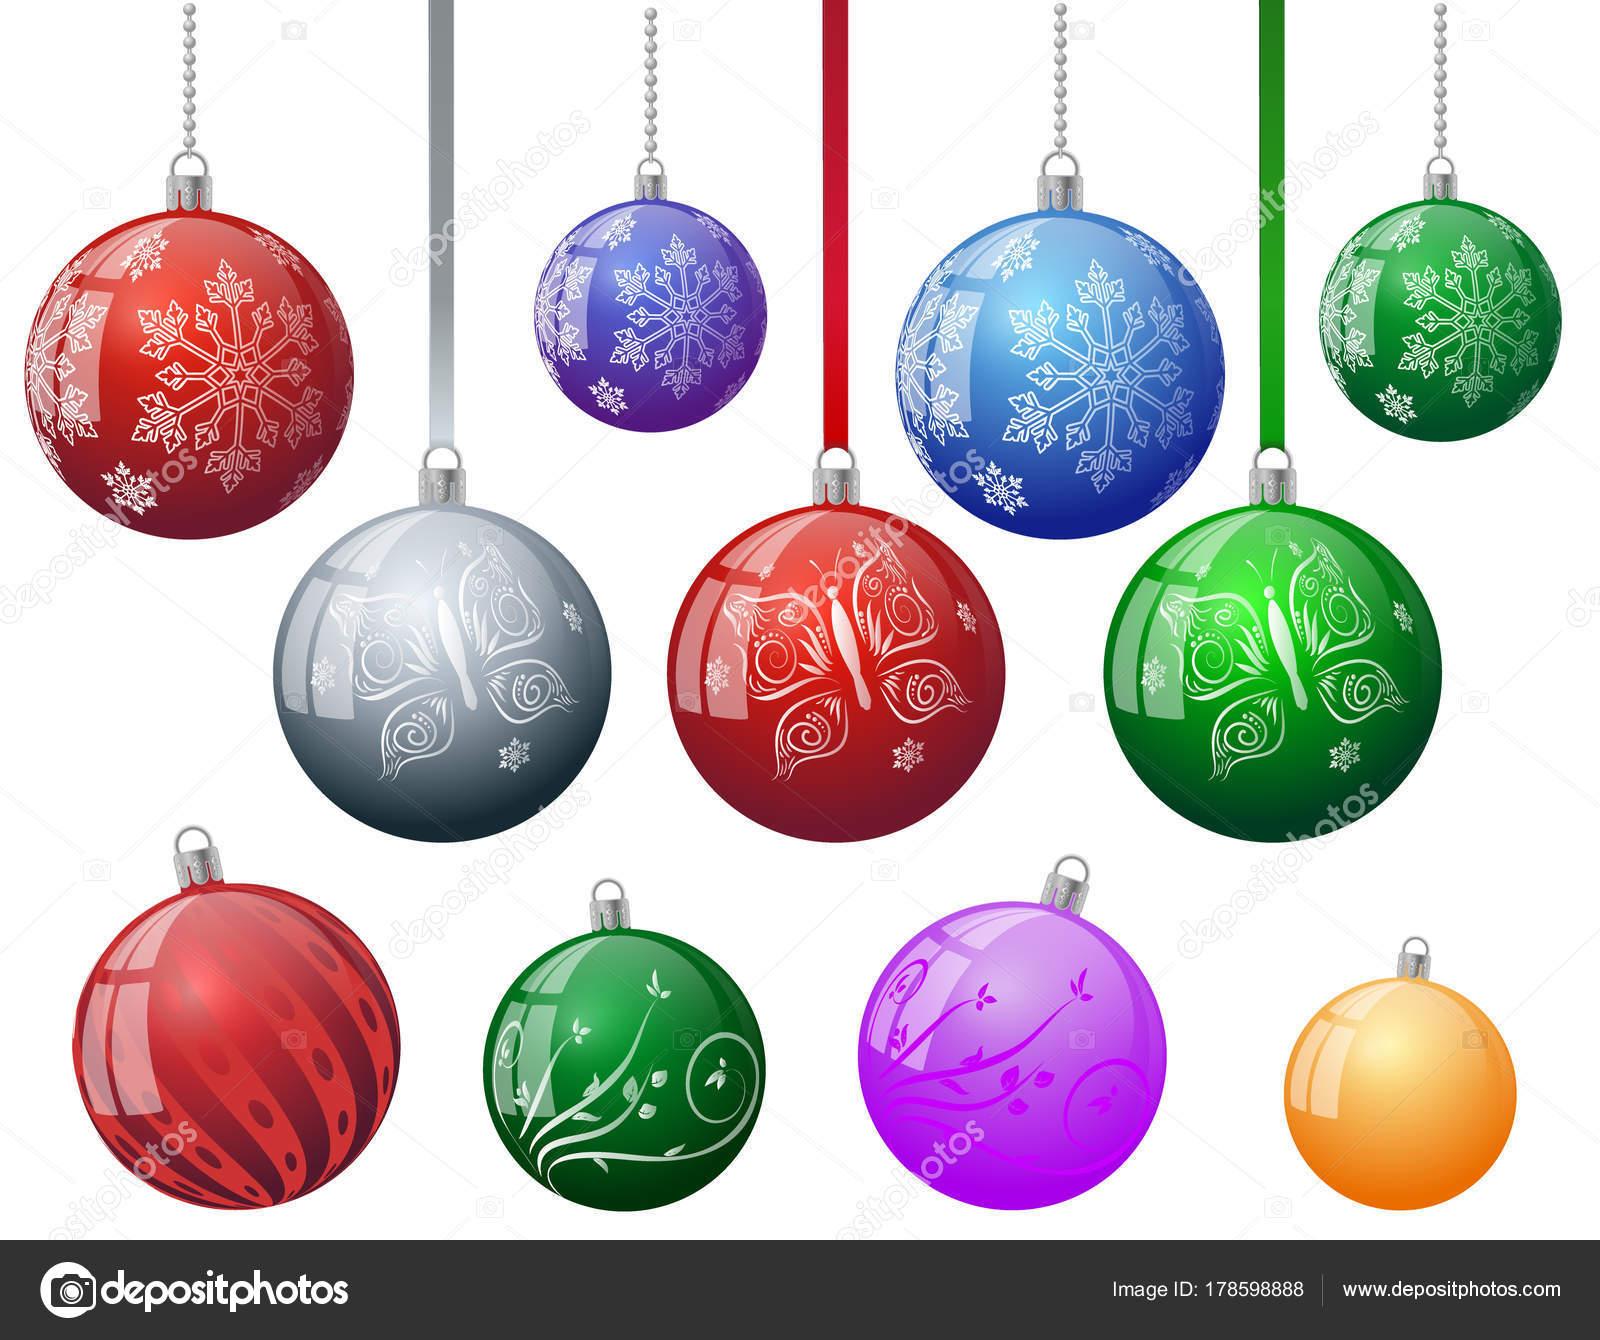 Christbaumkugeln Ornament.Reihe Von Bunten Vektor Ornament Christbaumkugeln Mit Schneeflocke